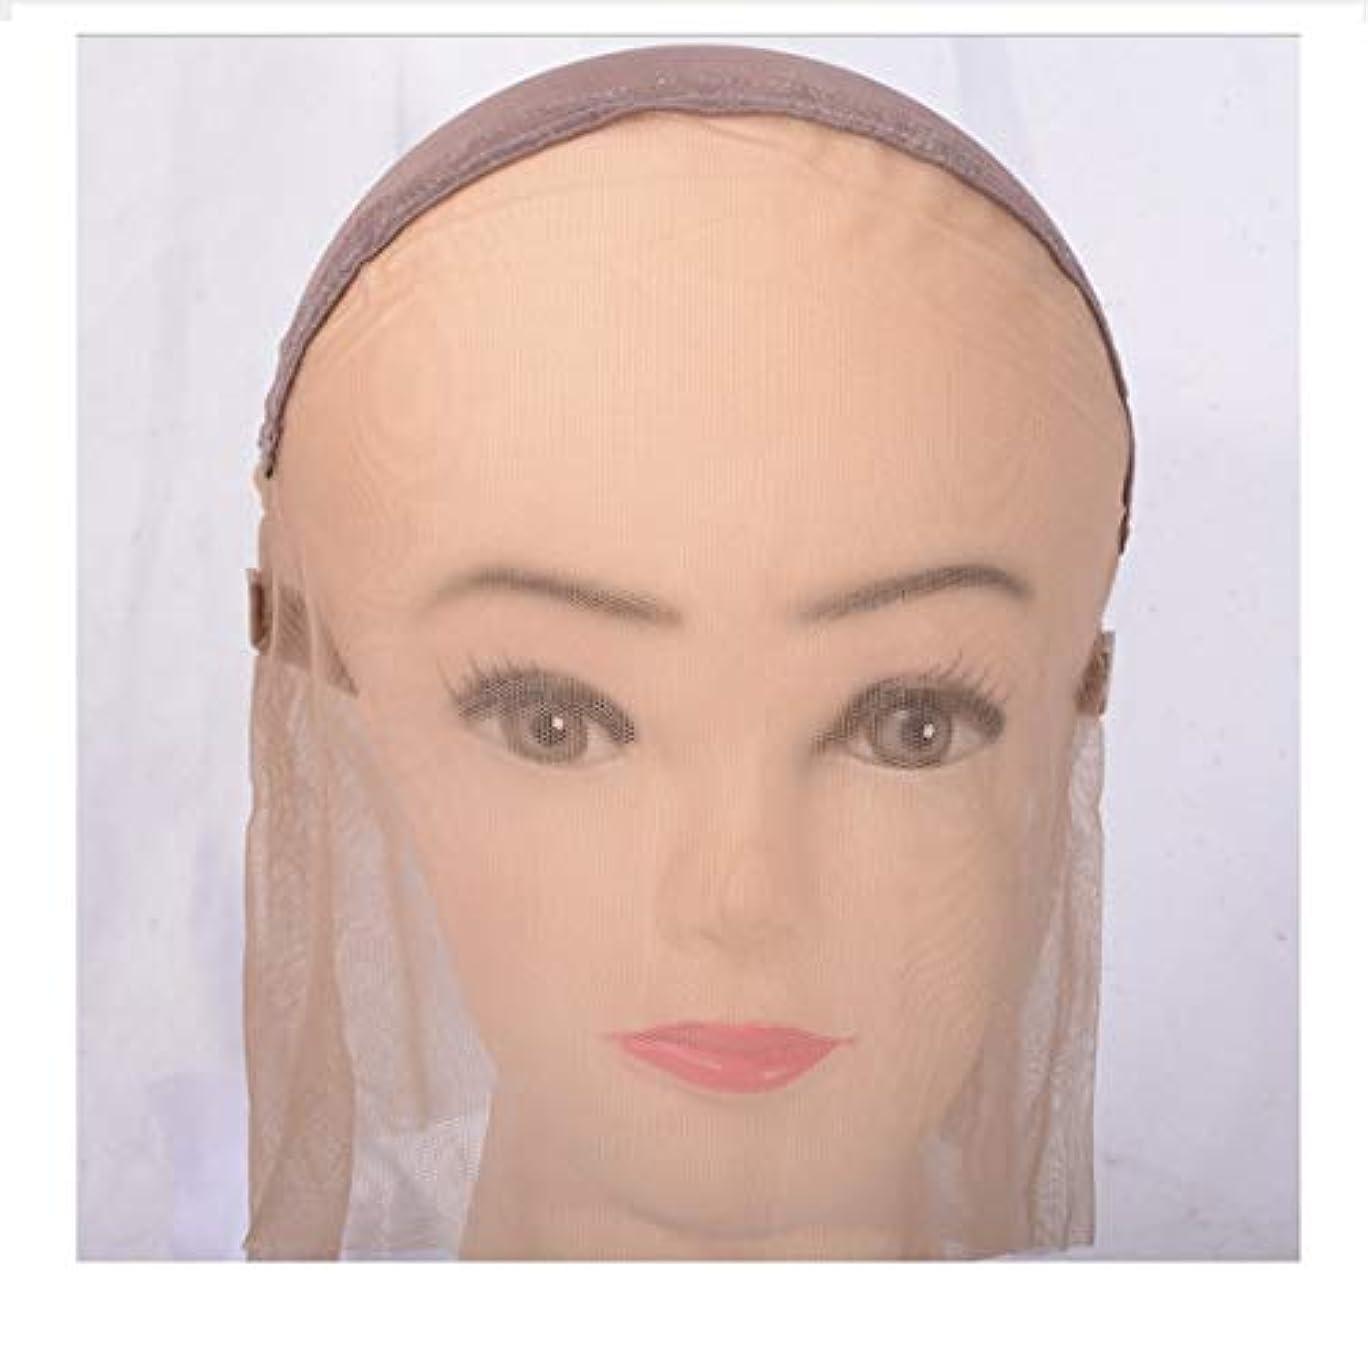 役立つ実際のキルト(ミディアムブラウン)女性用フルバッドメッシュキャップシルクキャップフルハンドフックネットウィッグキャップ ヘアケア (サイズ : S)